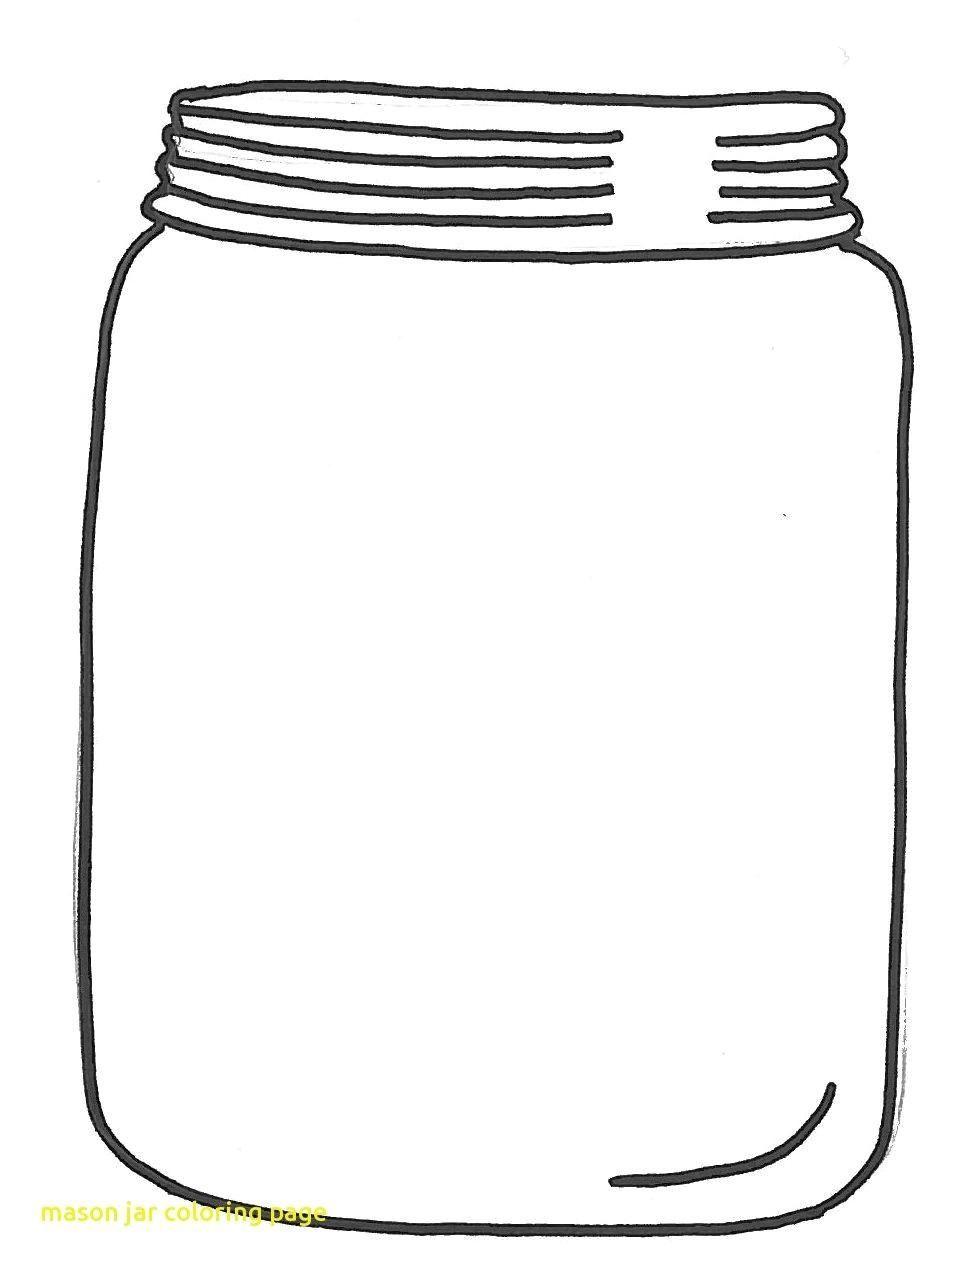 10 Coloring Page Jar Mason Jar Clip Art Colored Mason Jars Coloring Pages